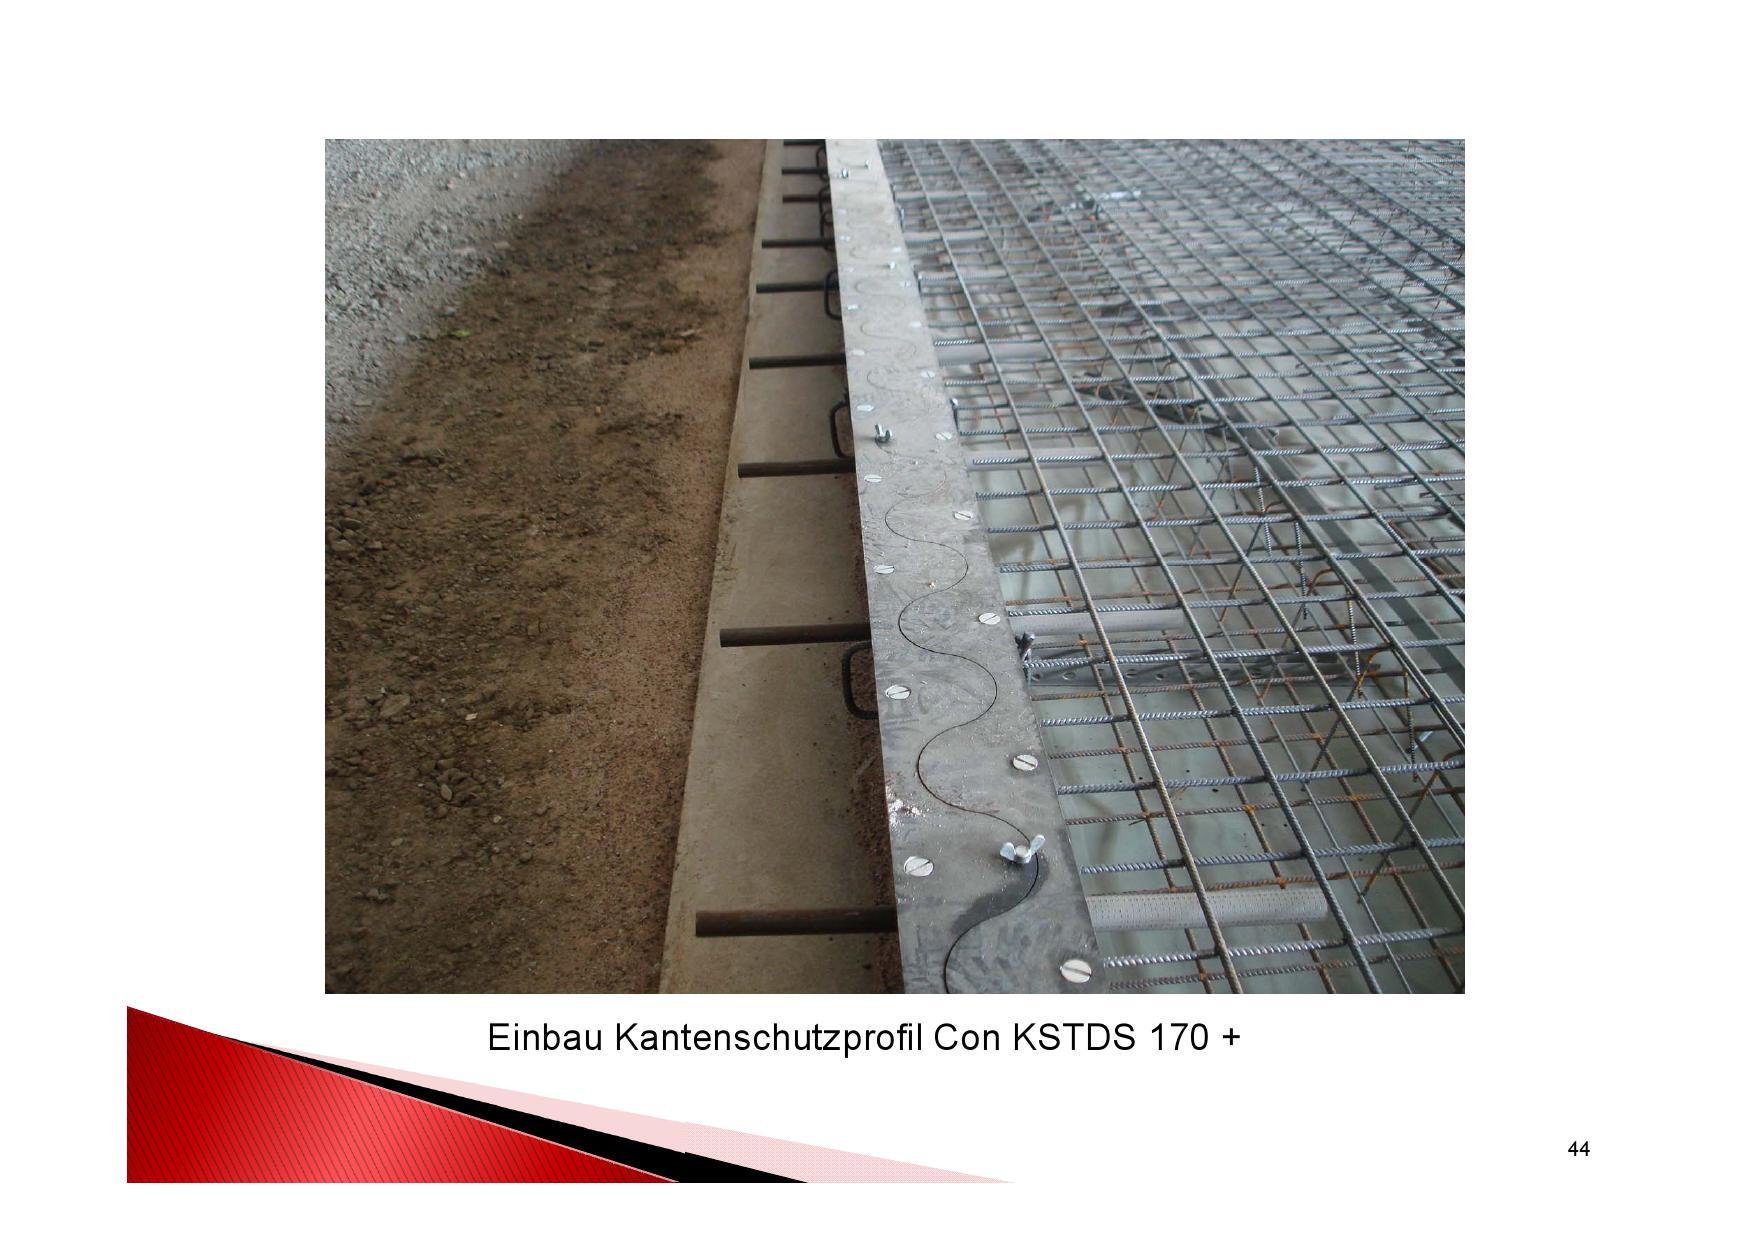 Industrieboden Herstellung: Eingebau Kantenschutzprofil Con KSTDS 170+